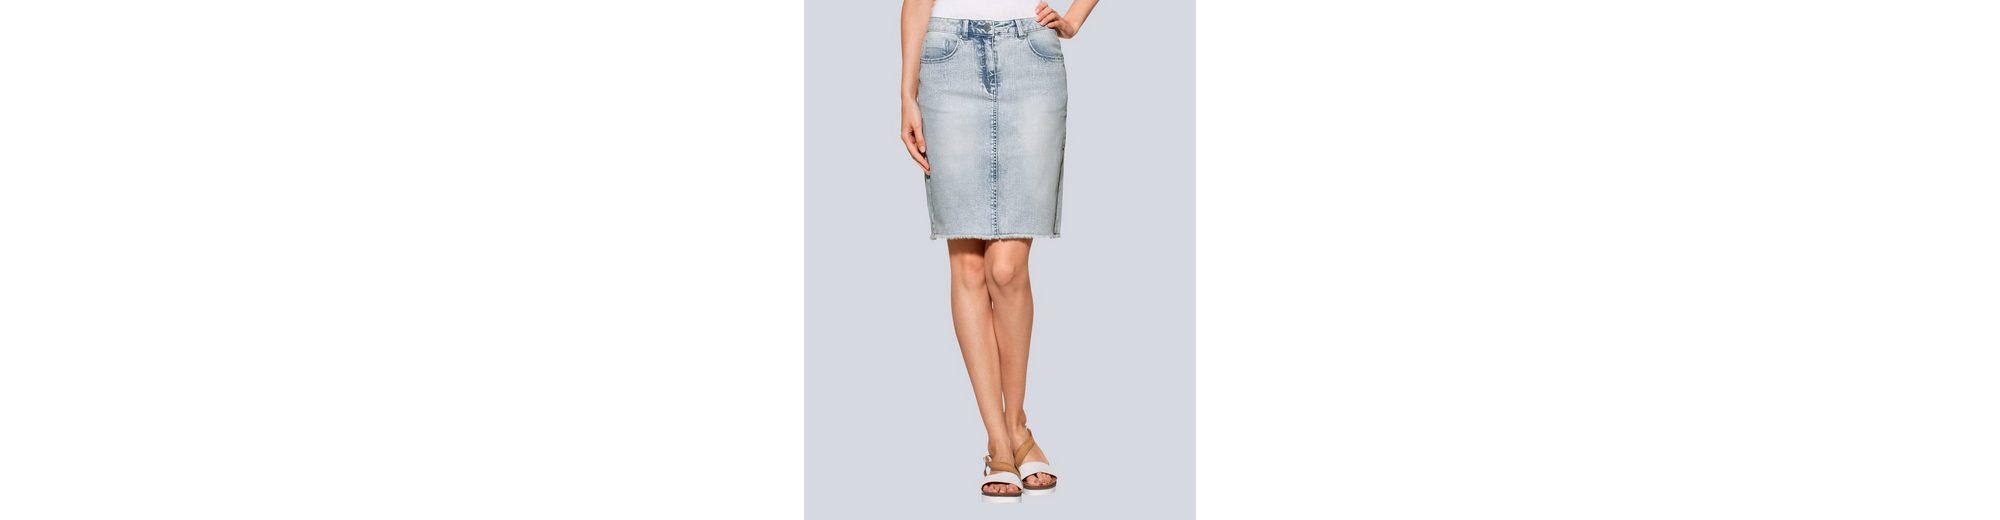 Alba Moda Jeansrock mit Fransensaum in trendiger Waschung Outlet-Store Günstig Online N1OXJv